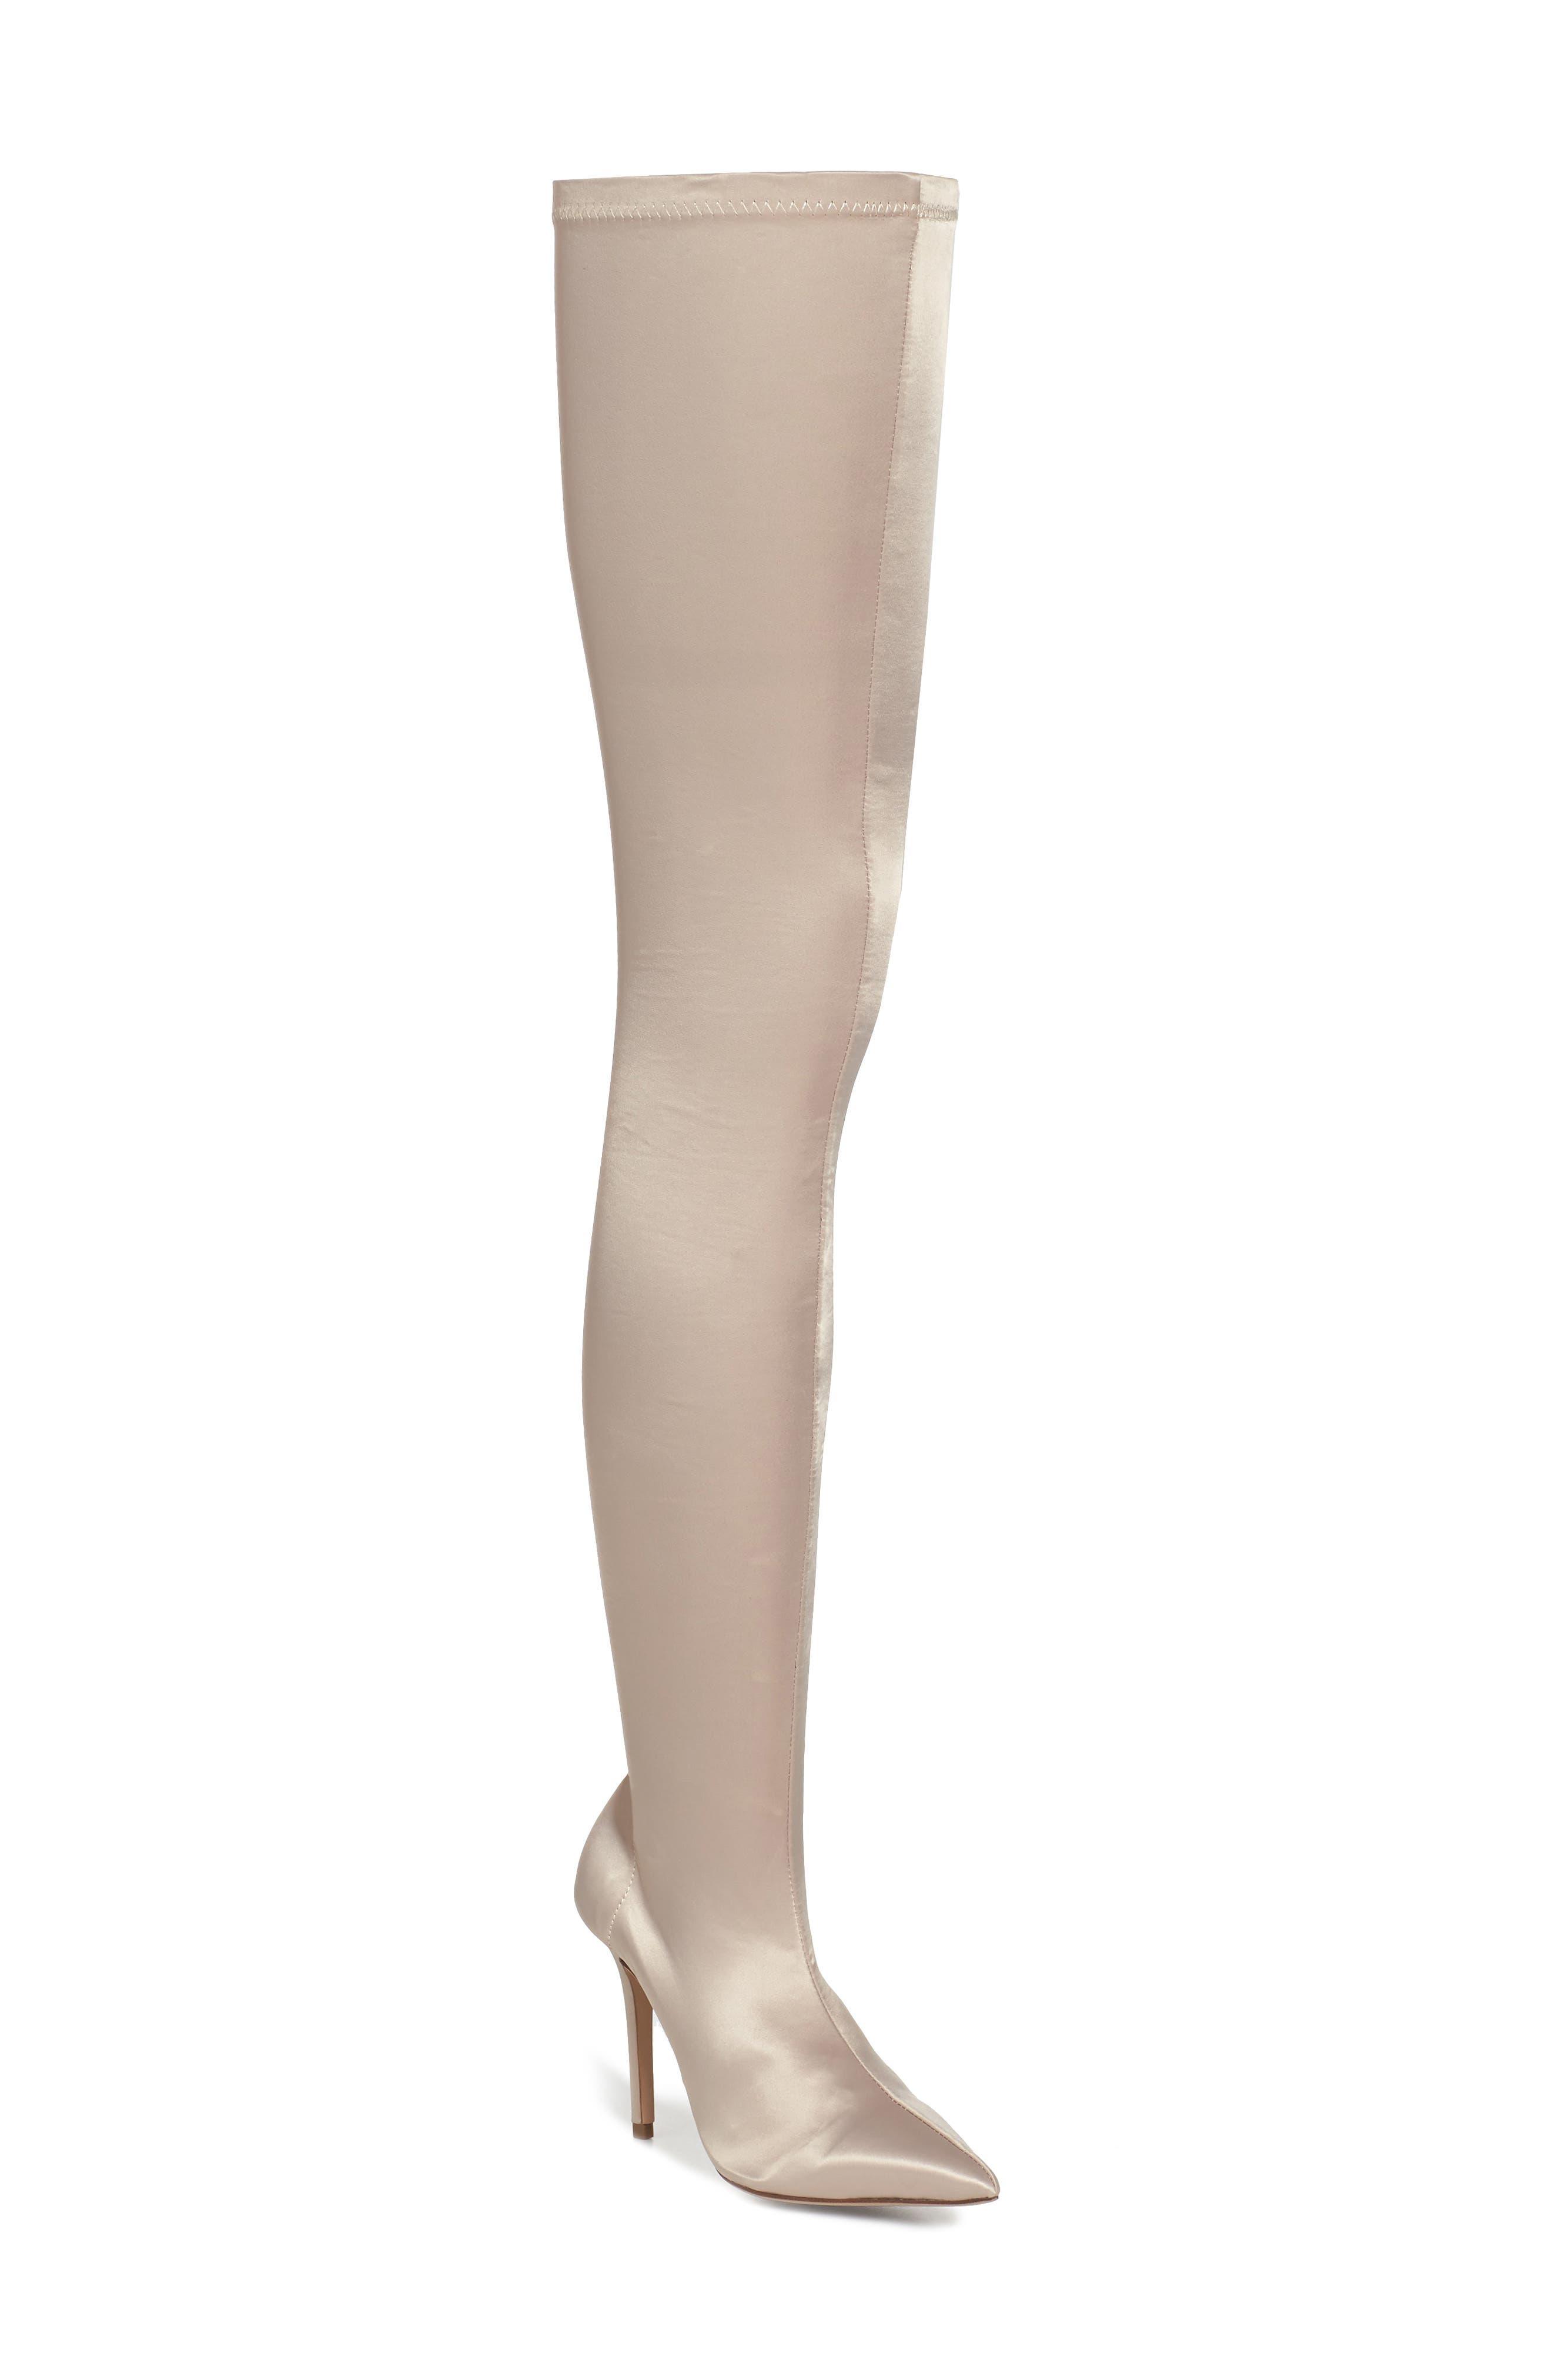 Main Image - Tony Bianco Dene Thigh High Boot (Women)